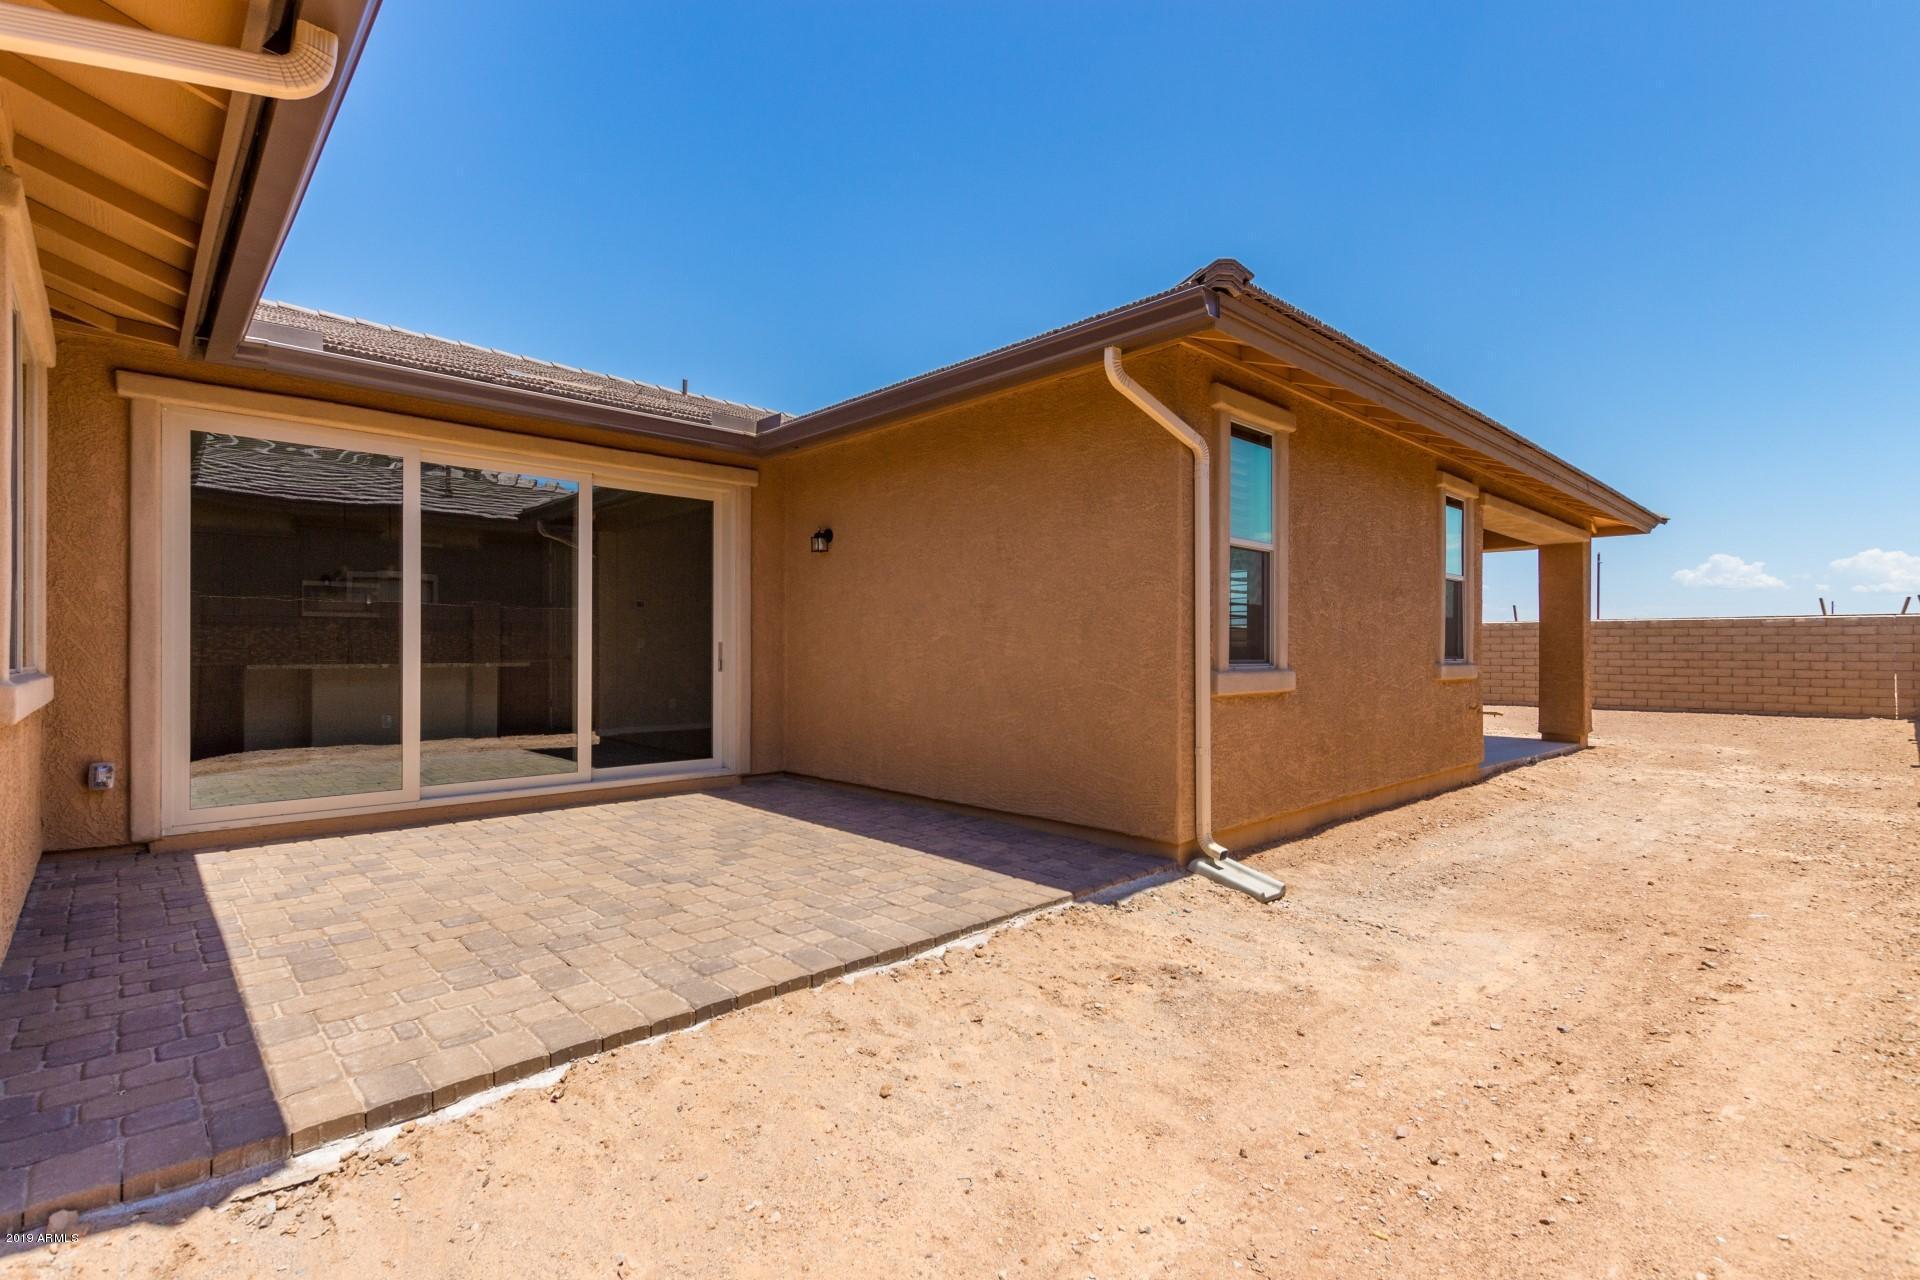 MLS 5925223 5837 S Crowley --, Mesa, AZ 85212 Mesa AZ Adult Community